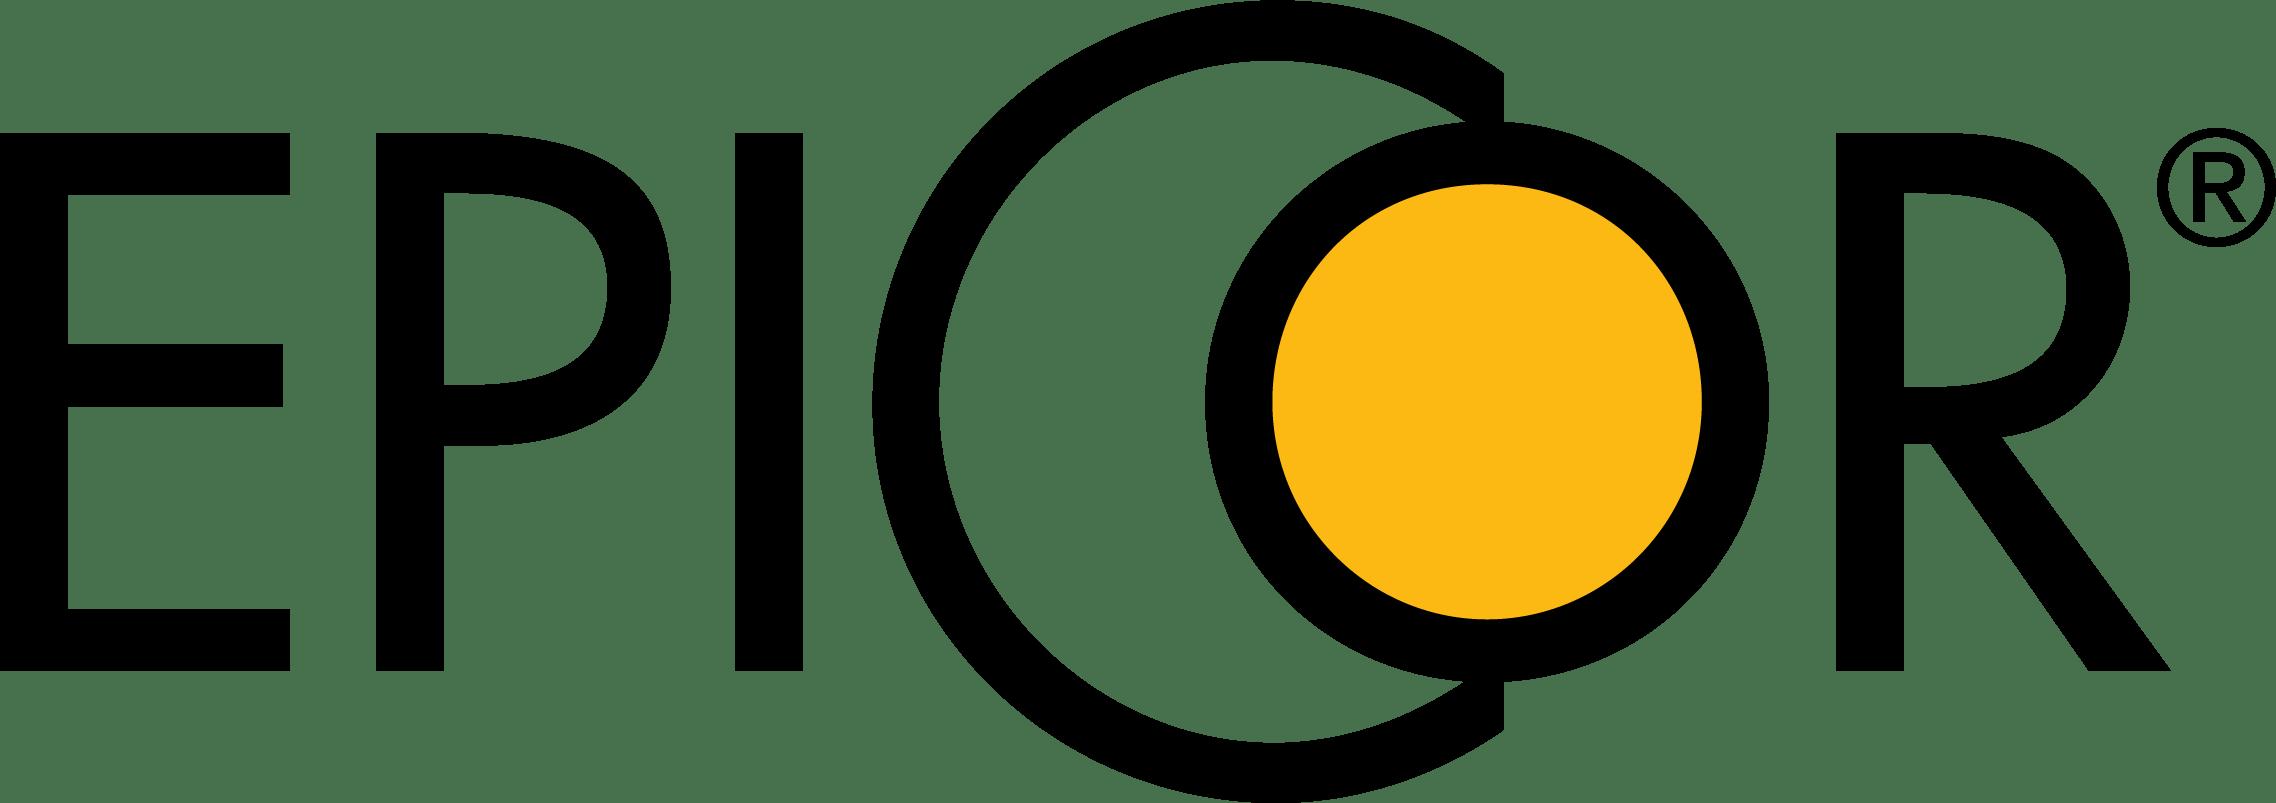 EpiCor Postbiotic Immune